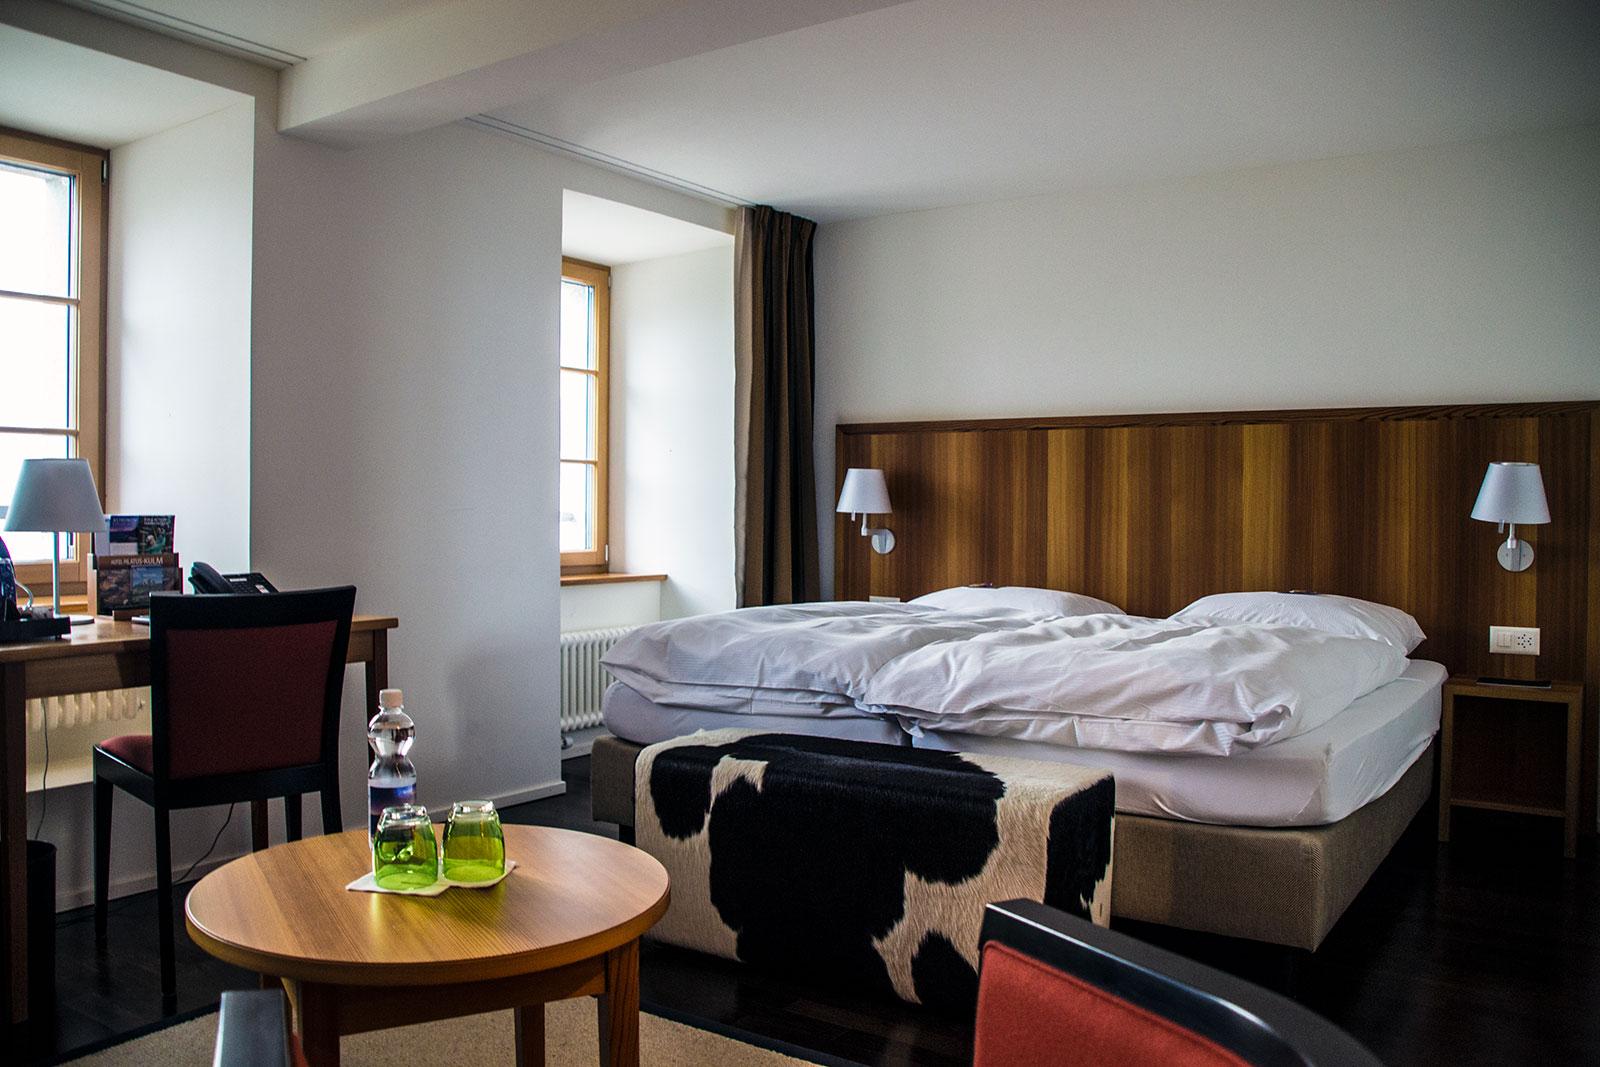 Habitación del hotel Pilatus Kulm